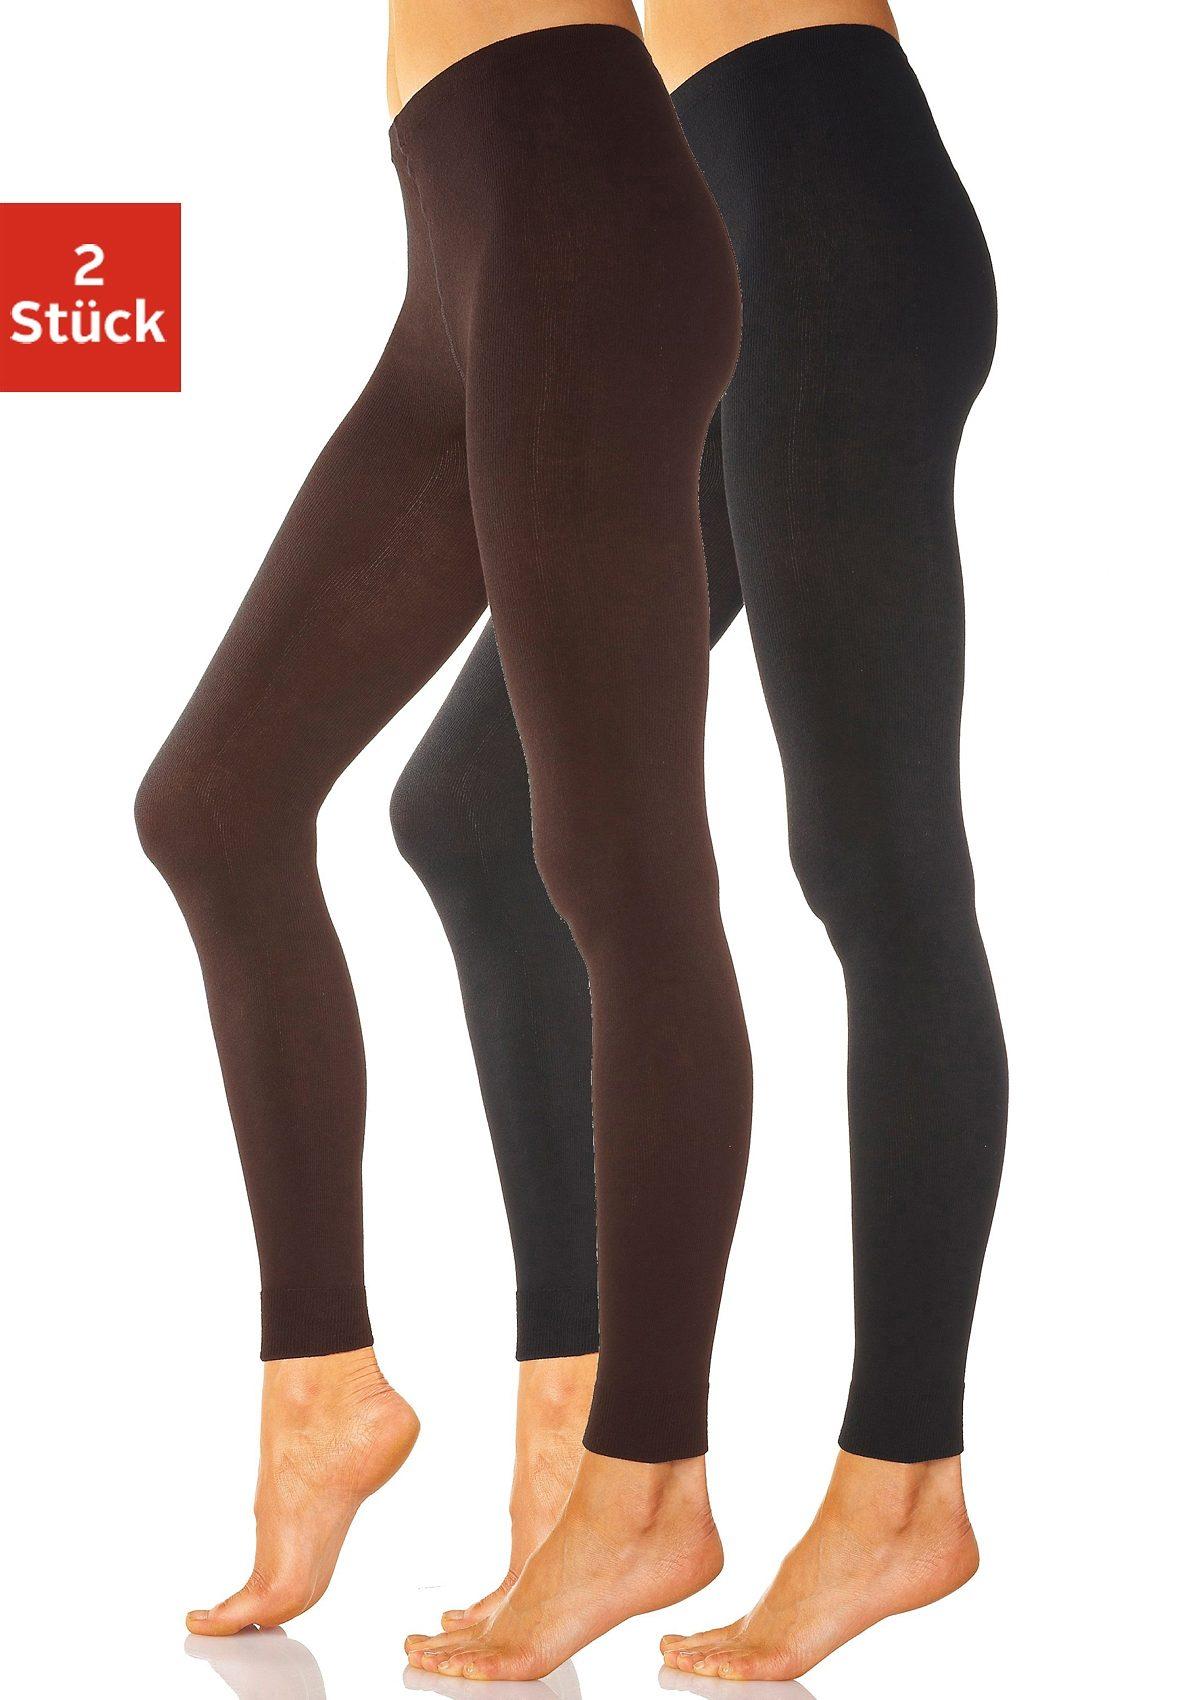 Lavana Strickleggings (Packung 2 Stück) | Unterwäsche & Reizwäsche > Strumpfhosen > Strickleggings | Lavana